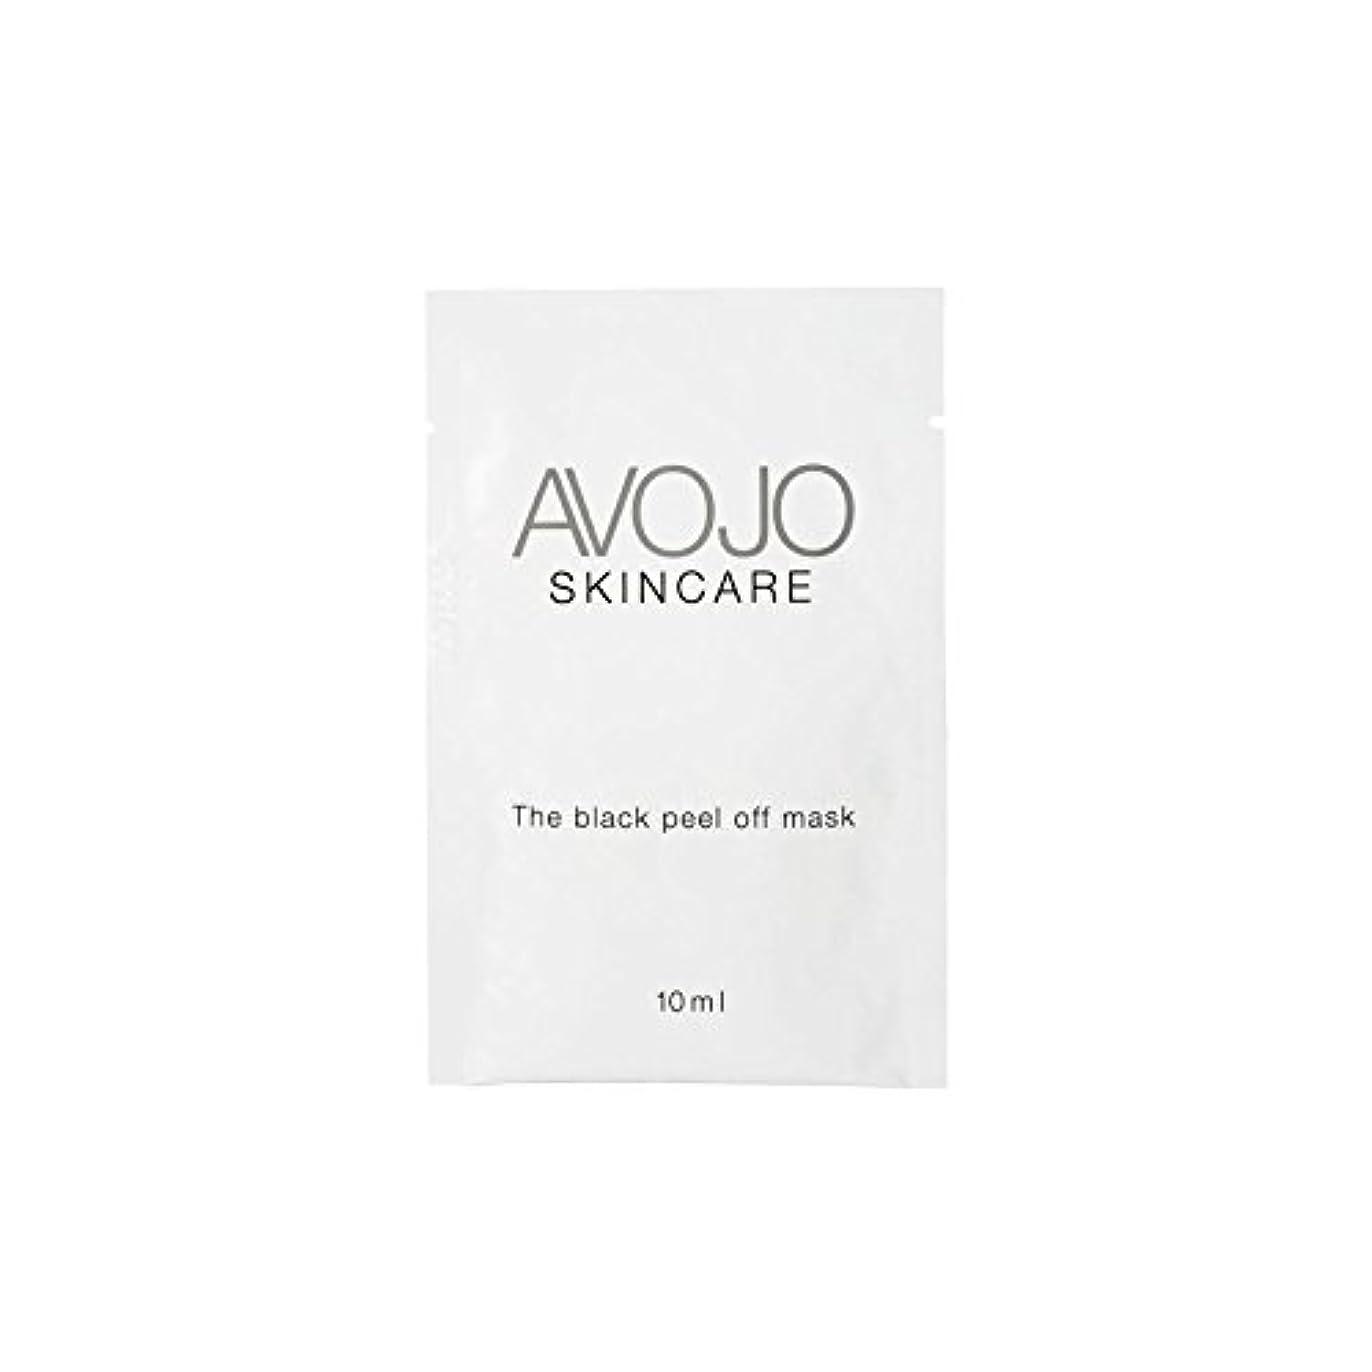 後方にコンドーム破壊的Avojo - The Black Peel Off Mask - Sachet (10ml X 4) - - ブラックピールオフマスク - 小袋(10ミリリットル×4) [並行輸入品]